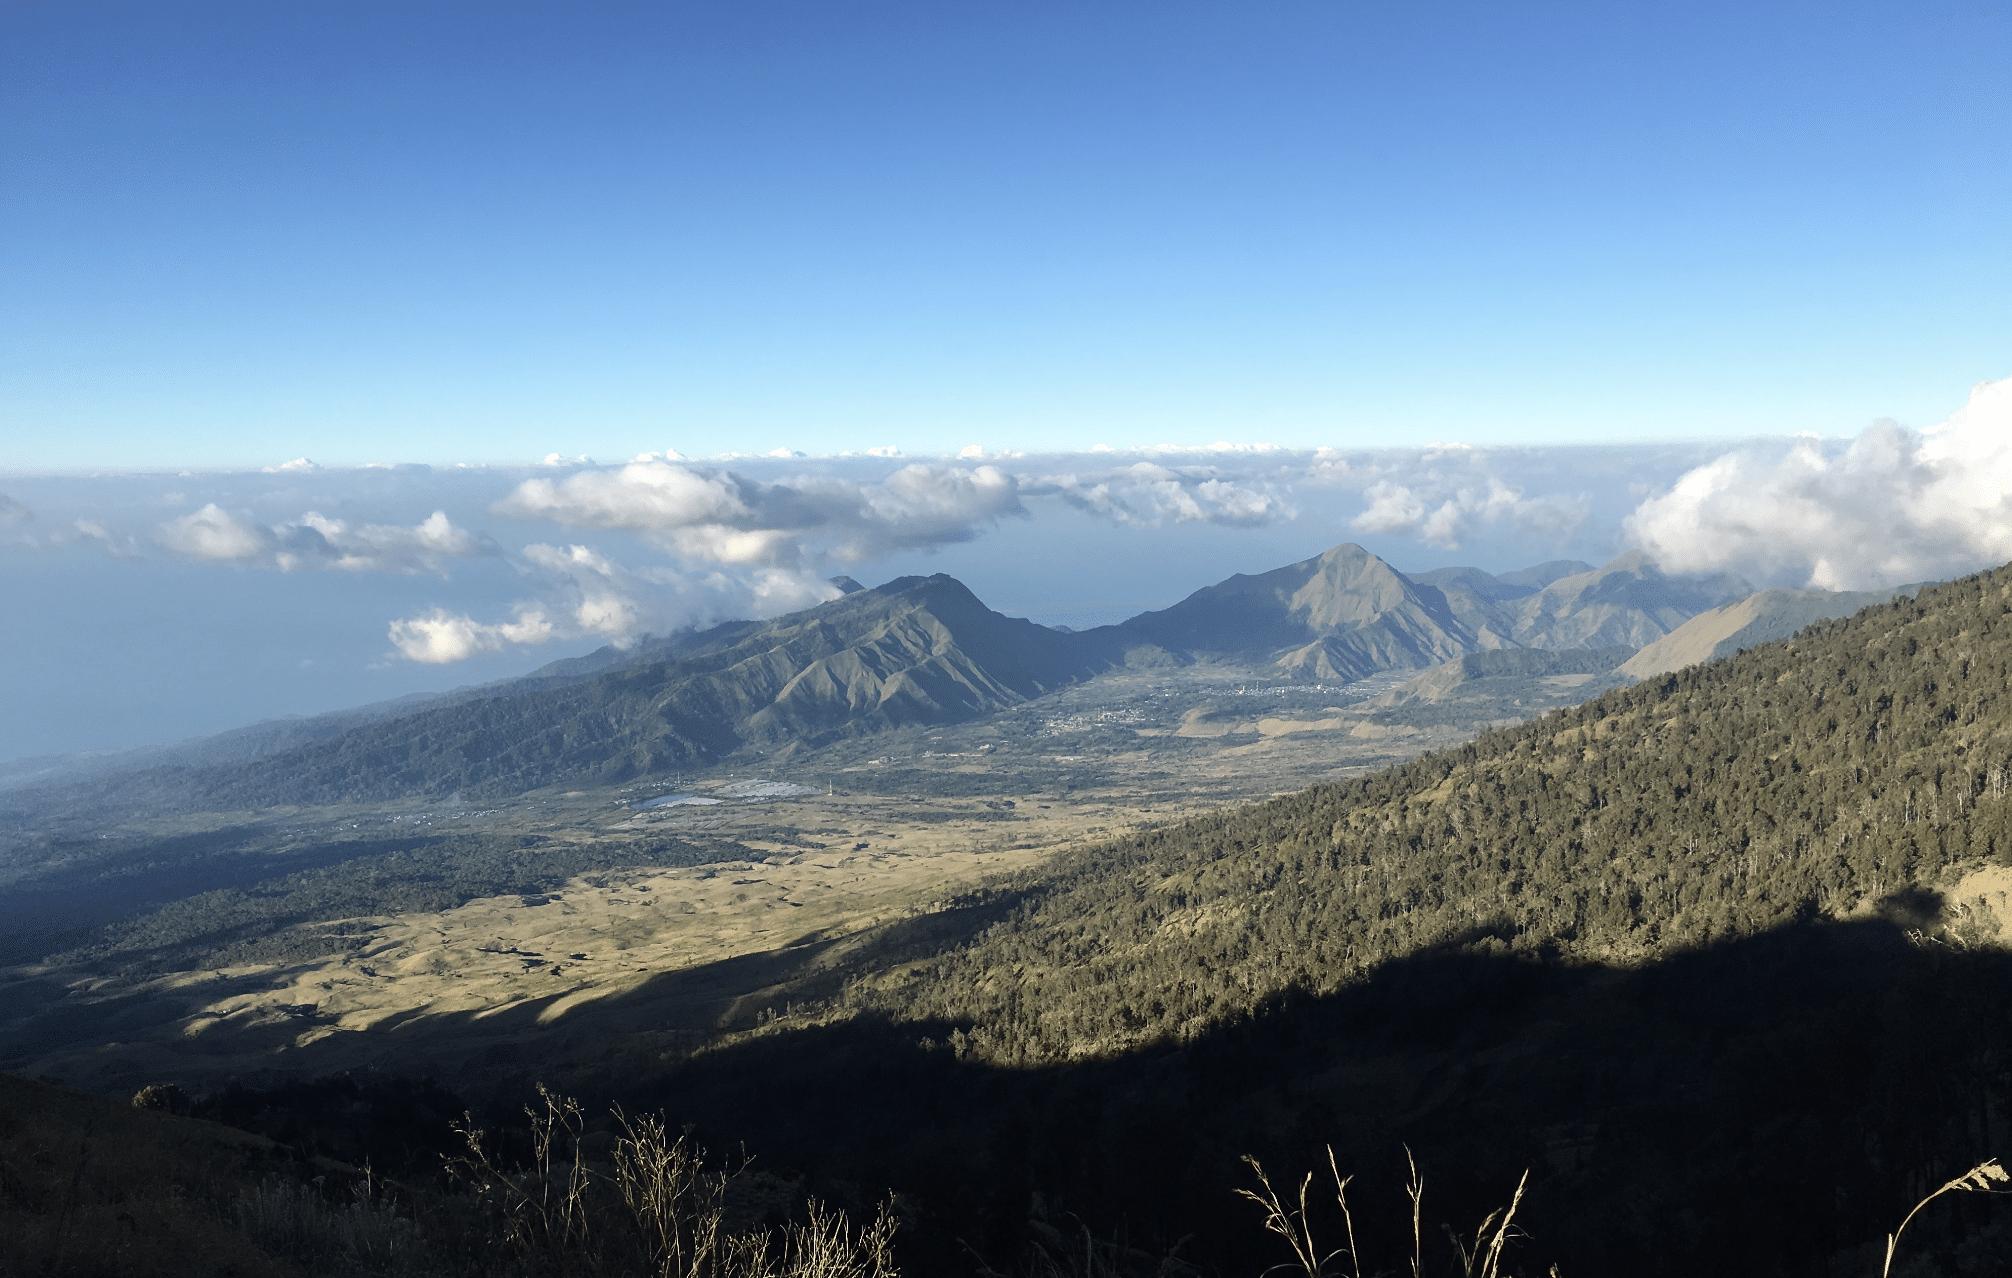 panorama depuis le trek sur le mont rinjani